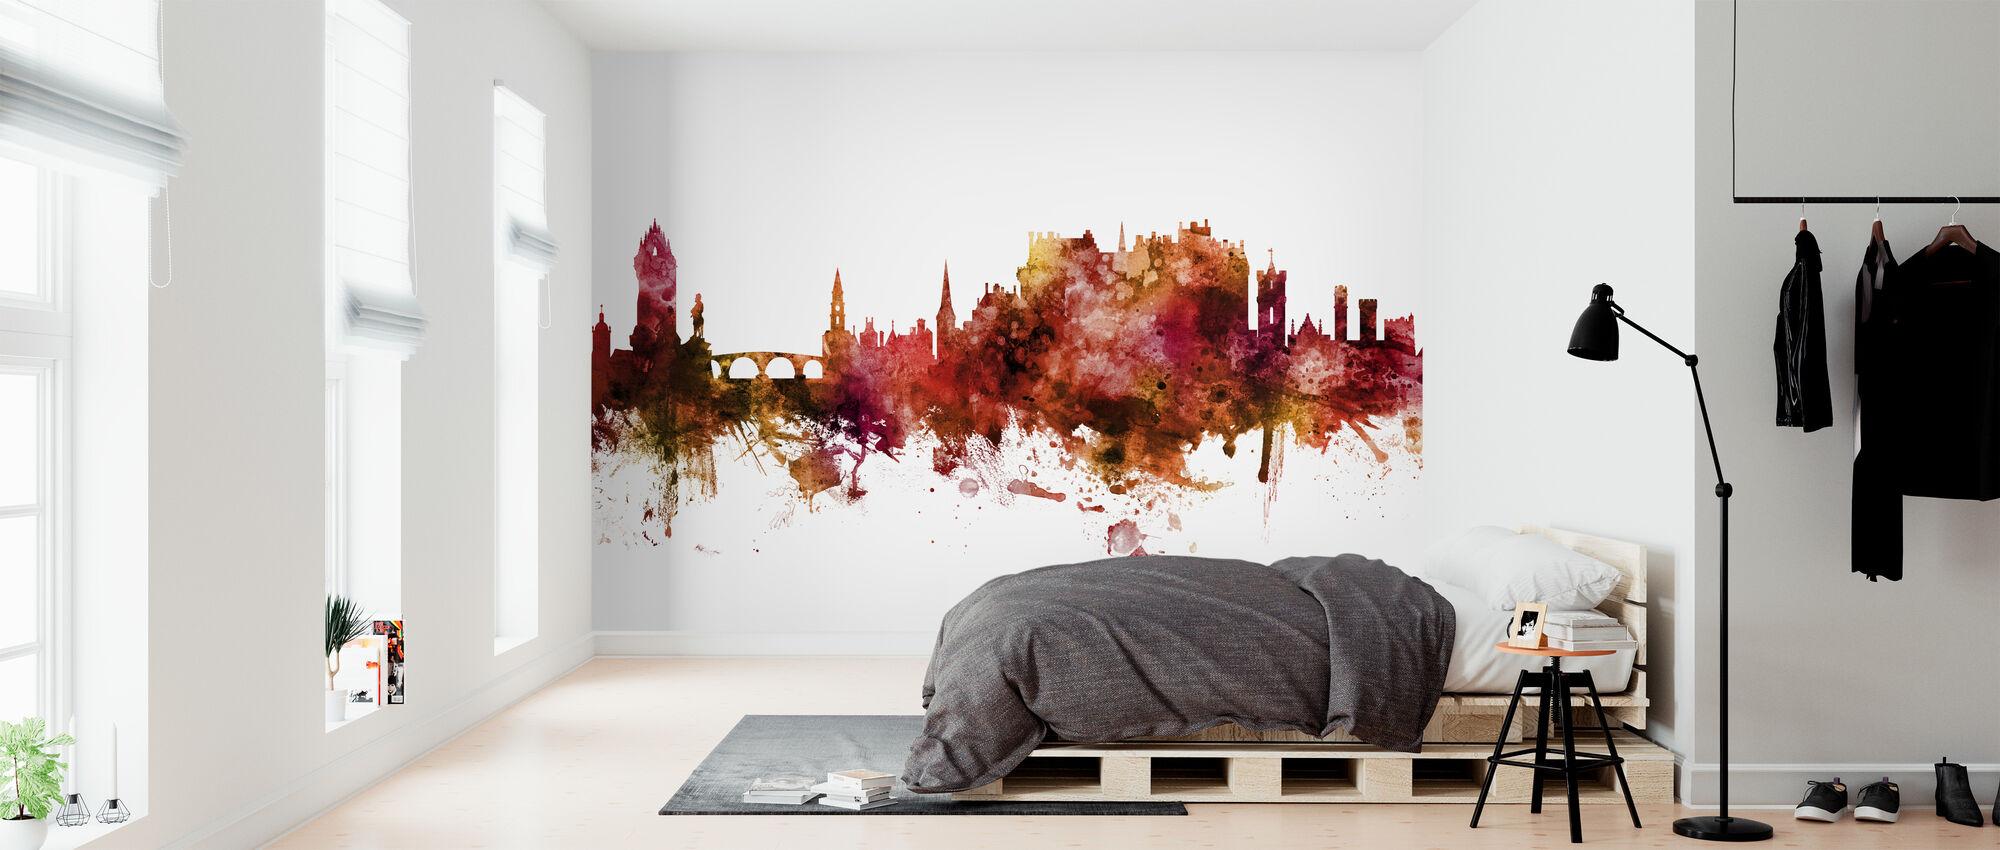 Stirling Scotland Skyline - Wallpaper - Bedroom